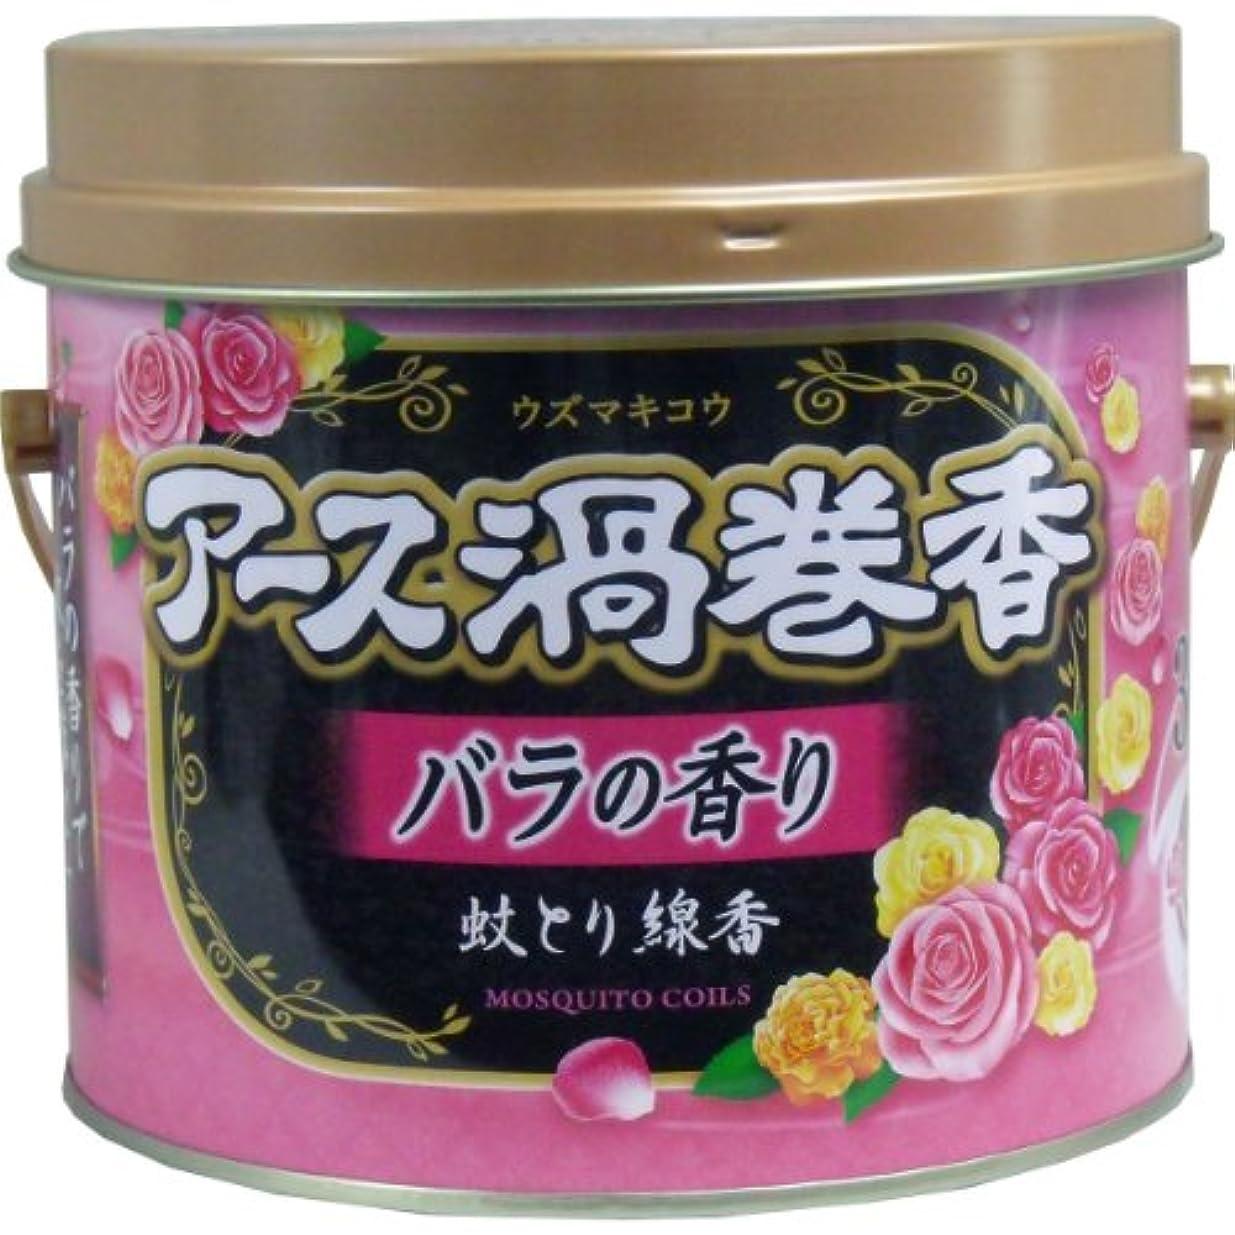 アース渦巻香 蚊とり線香 バラの香り 30巻3個セット